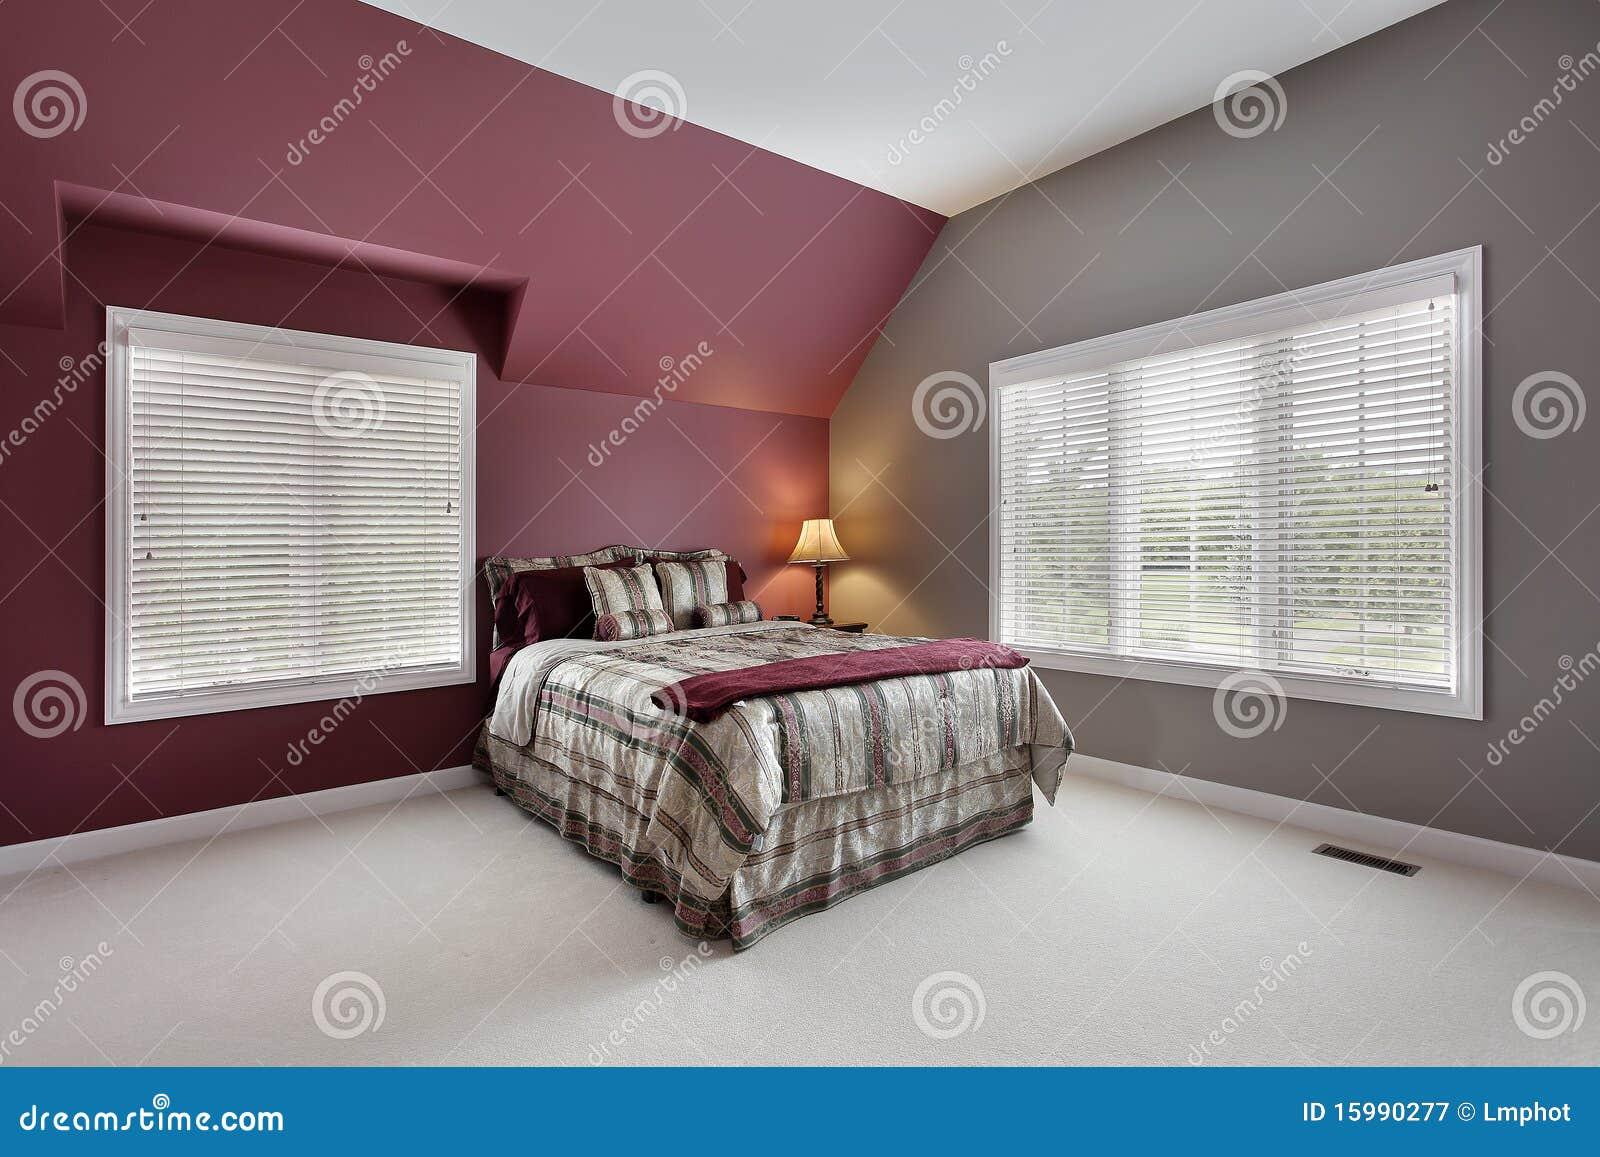 Disegni pareti casa disegni da muro per camera da letto - Decorare le pareti della camera da letto ...